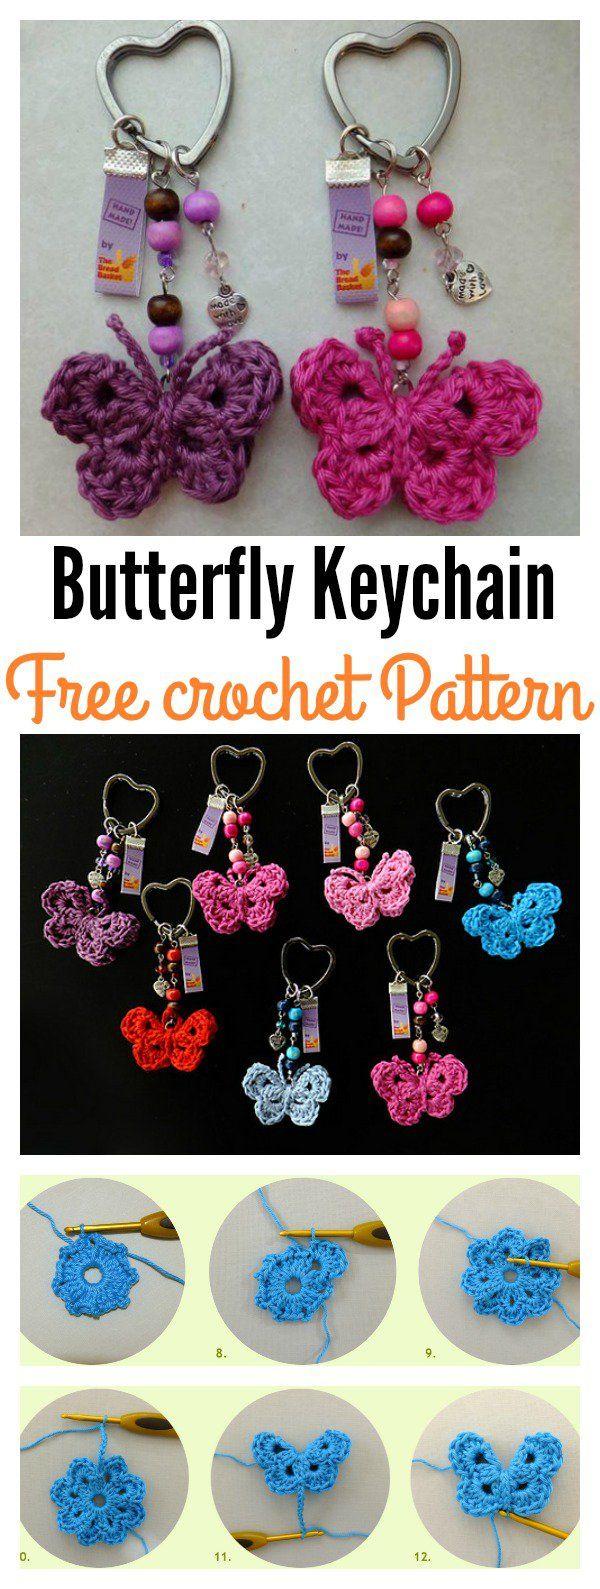 Crochet Butterfly Keychain Free Patterns | Pinterest | Häkeln ...